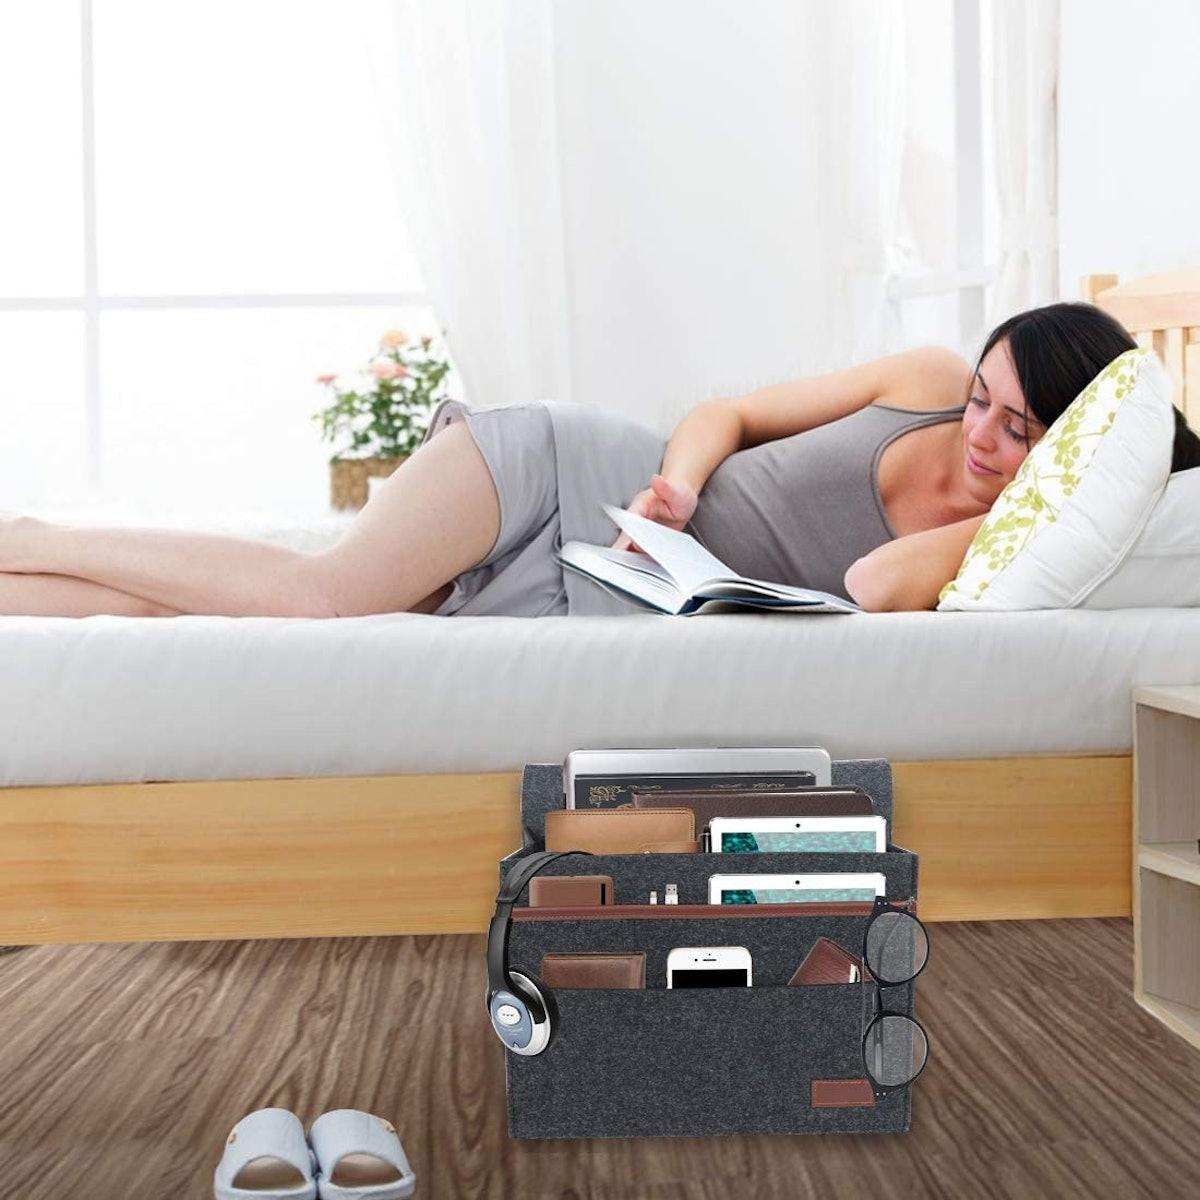 Kernorv Bedside Caddy